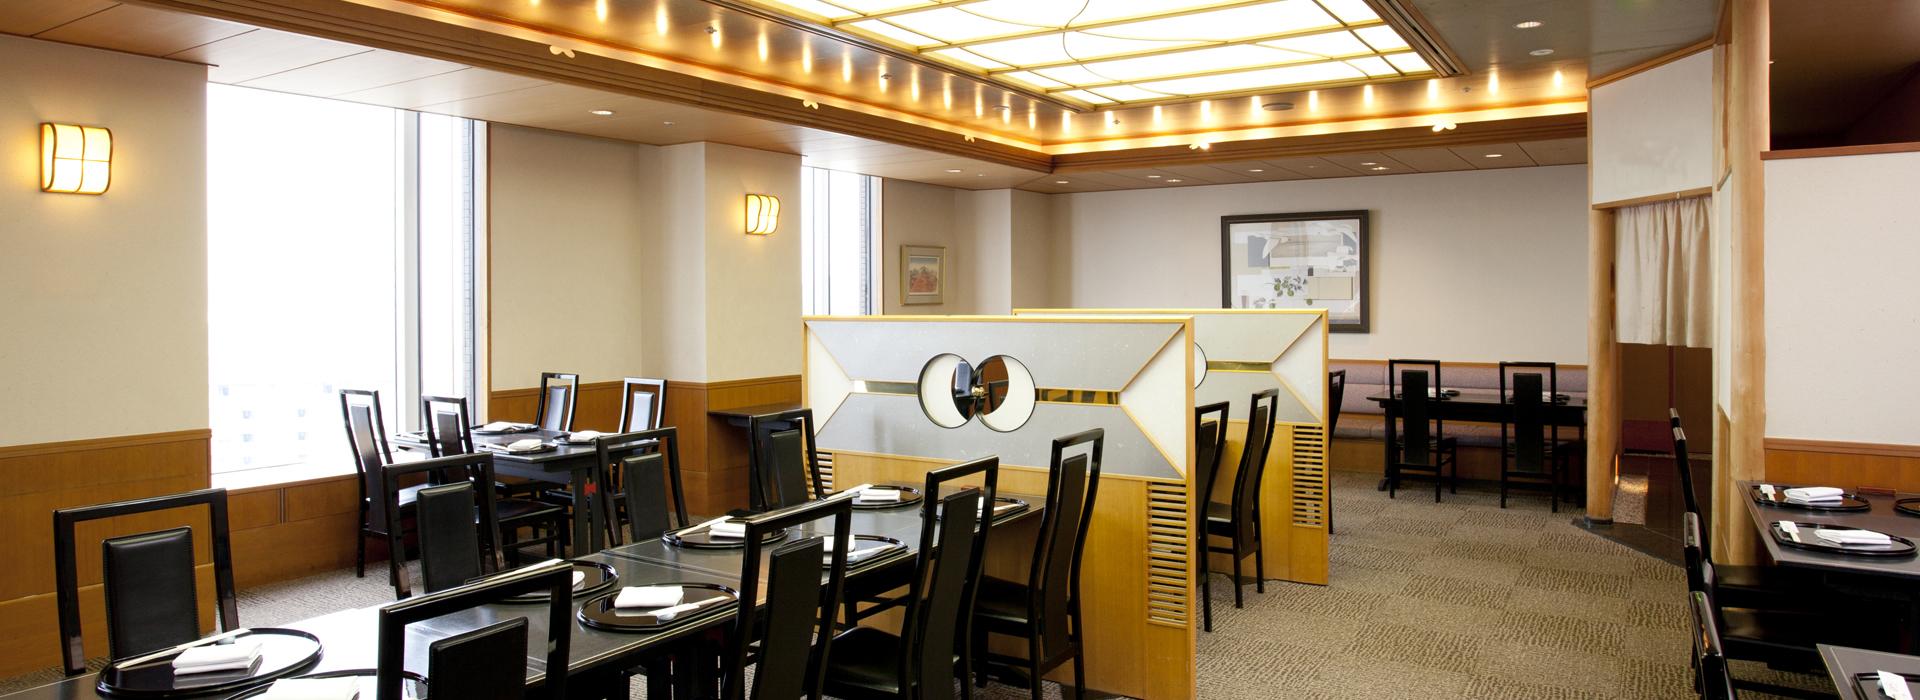 日本料理 富貴野|レンブラントホテル大分【公式】レンブラントグループホテル